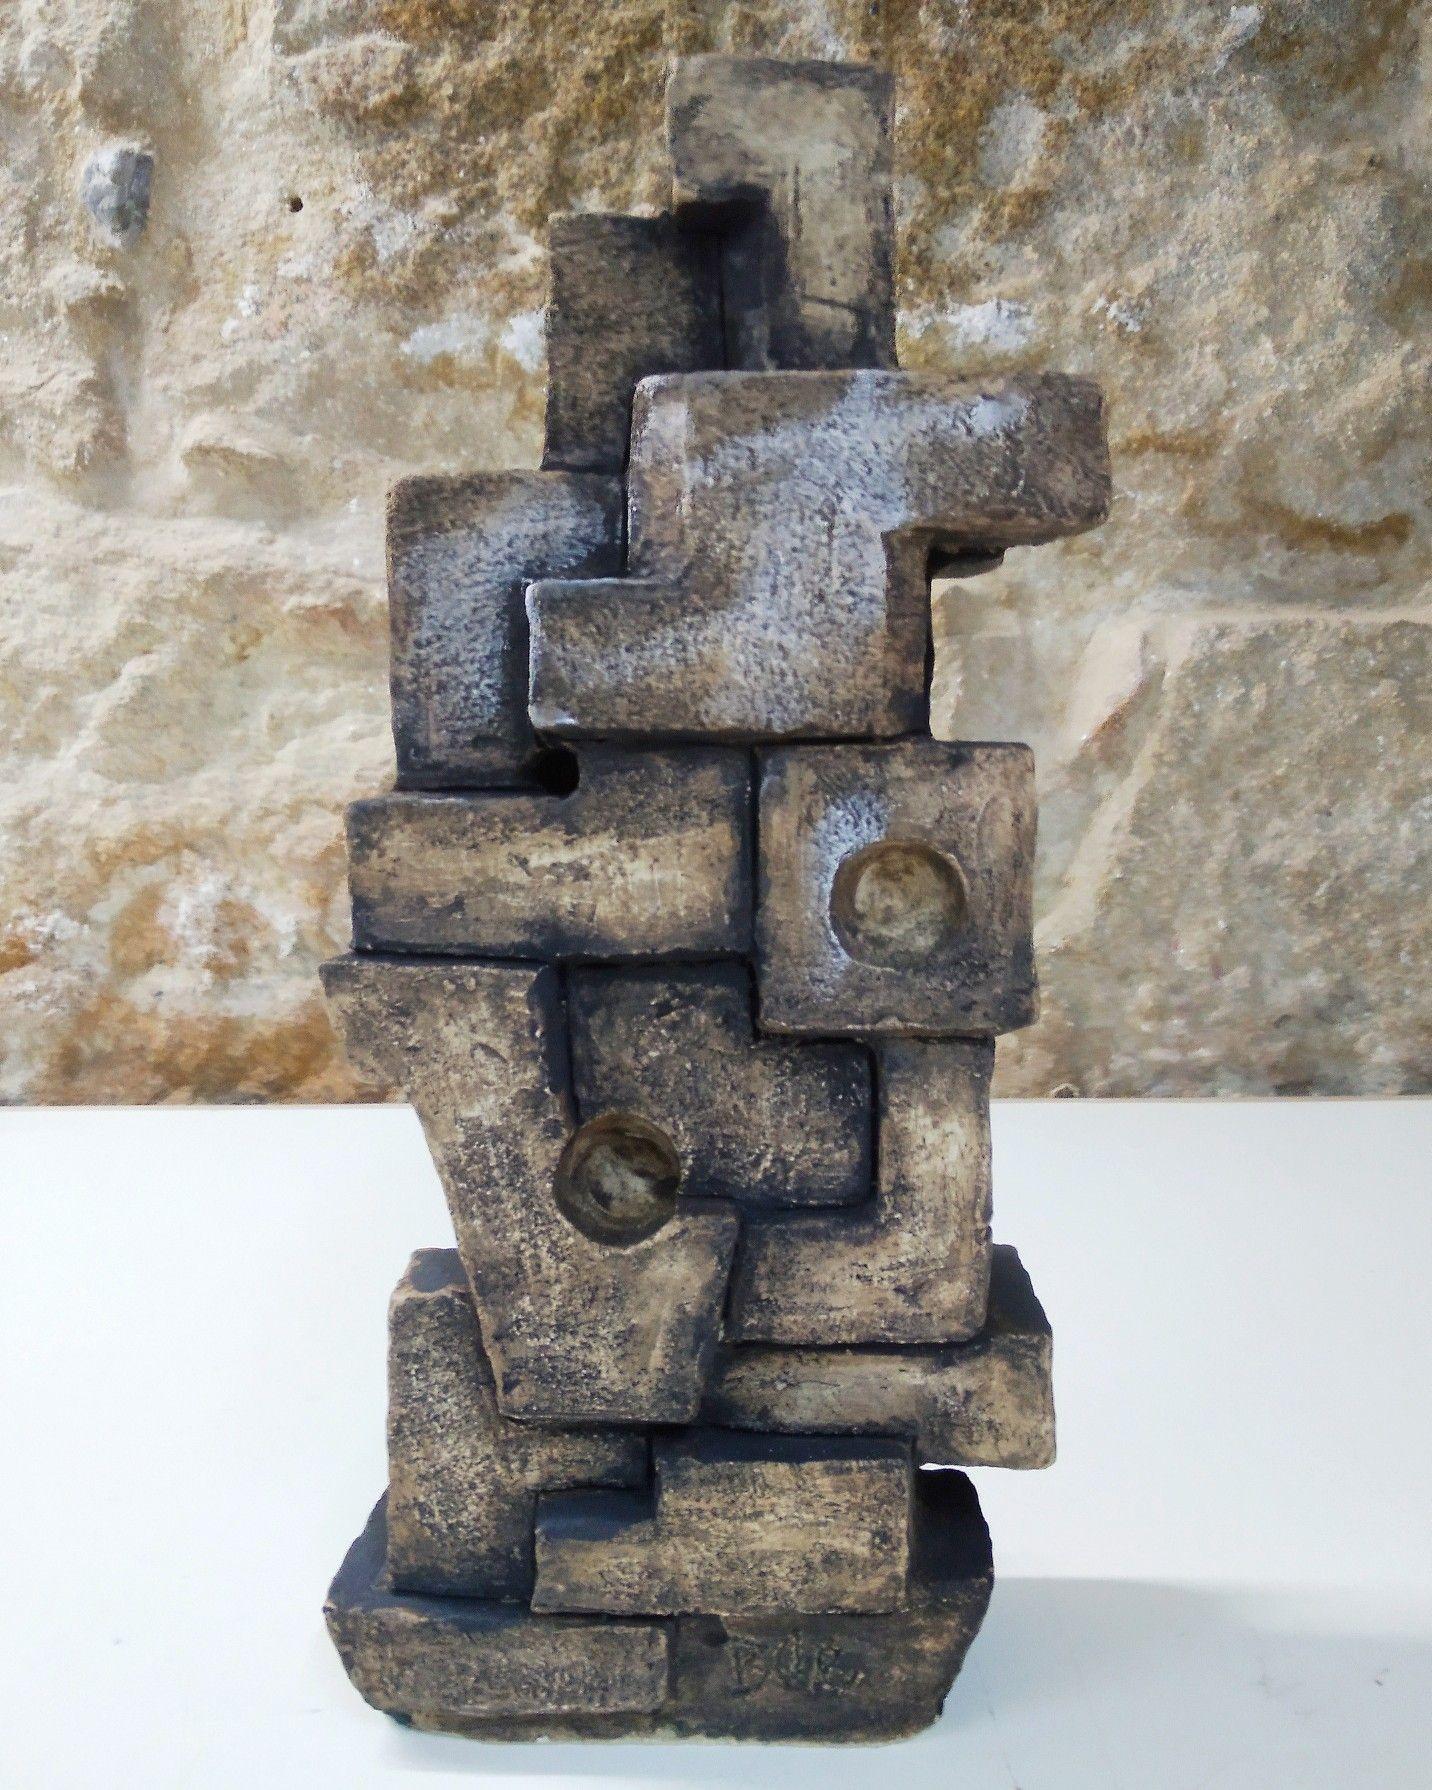 Pin By Jeff Erdie On Sculpture In 2020 Geometric Sculpture Sculpture Geometric